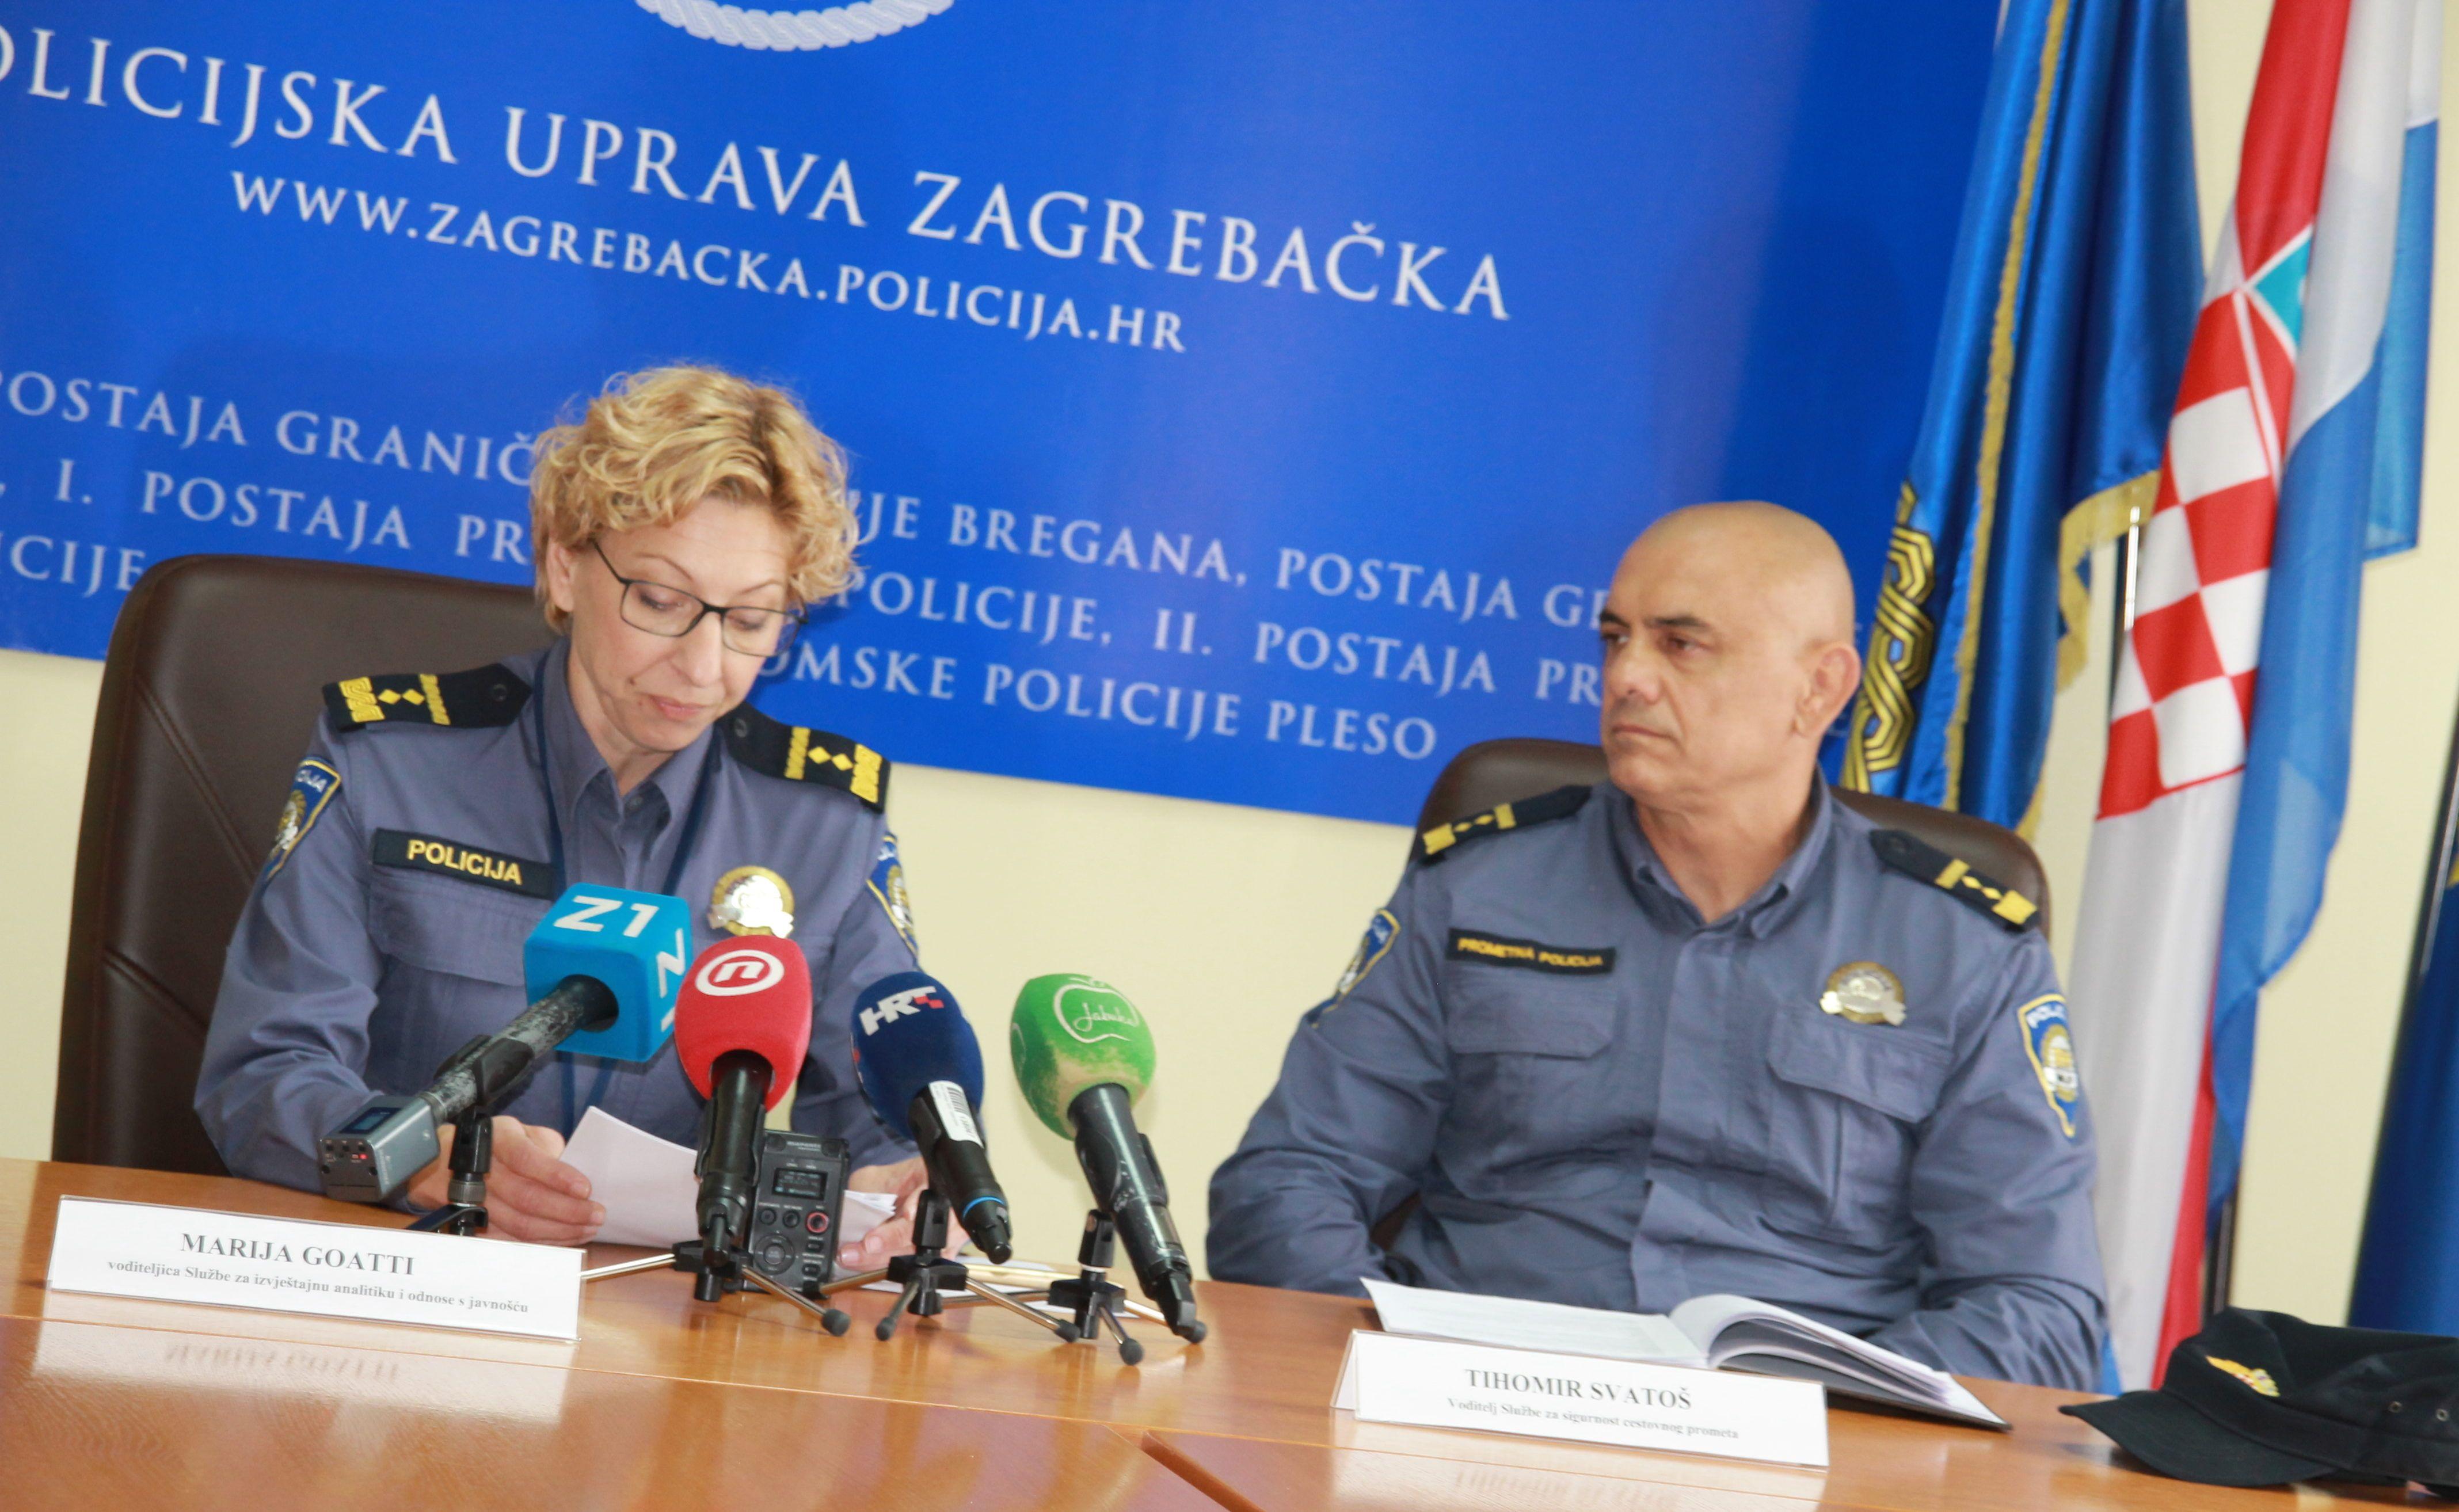 Policija upozorava: Budite oprezni s 'nepoznatim gostima' pa čak i kada 'najave' dolazak